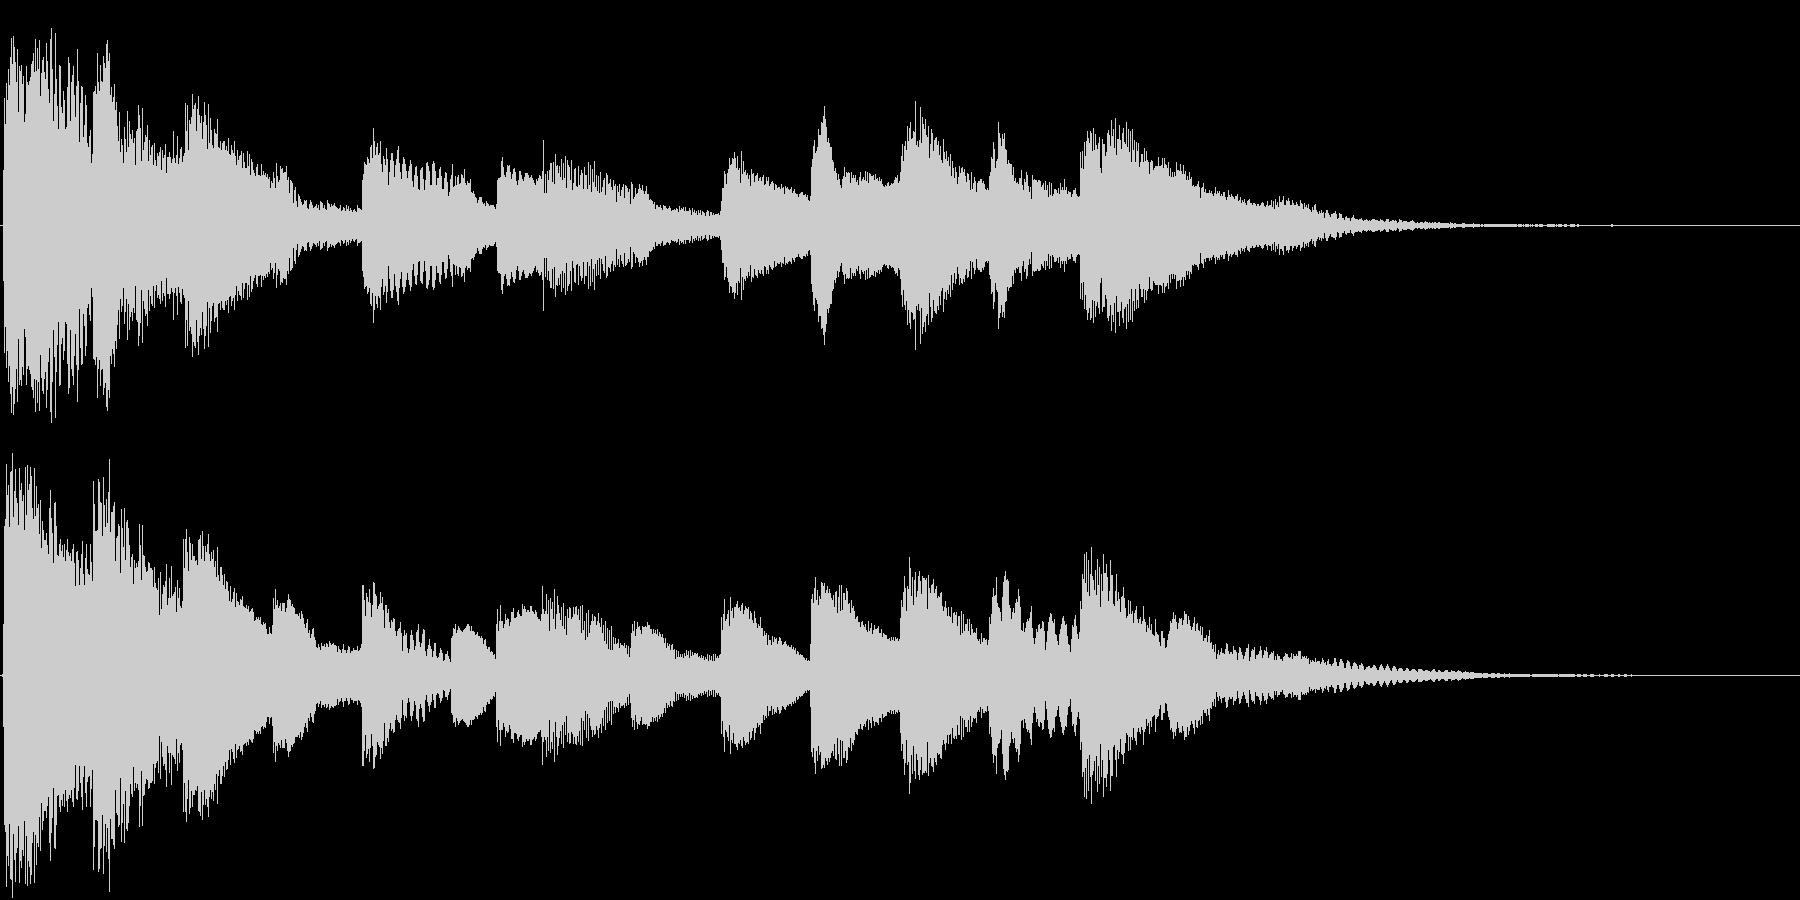 しっとり切ないピアノソロジングルの未再生の波形